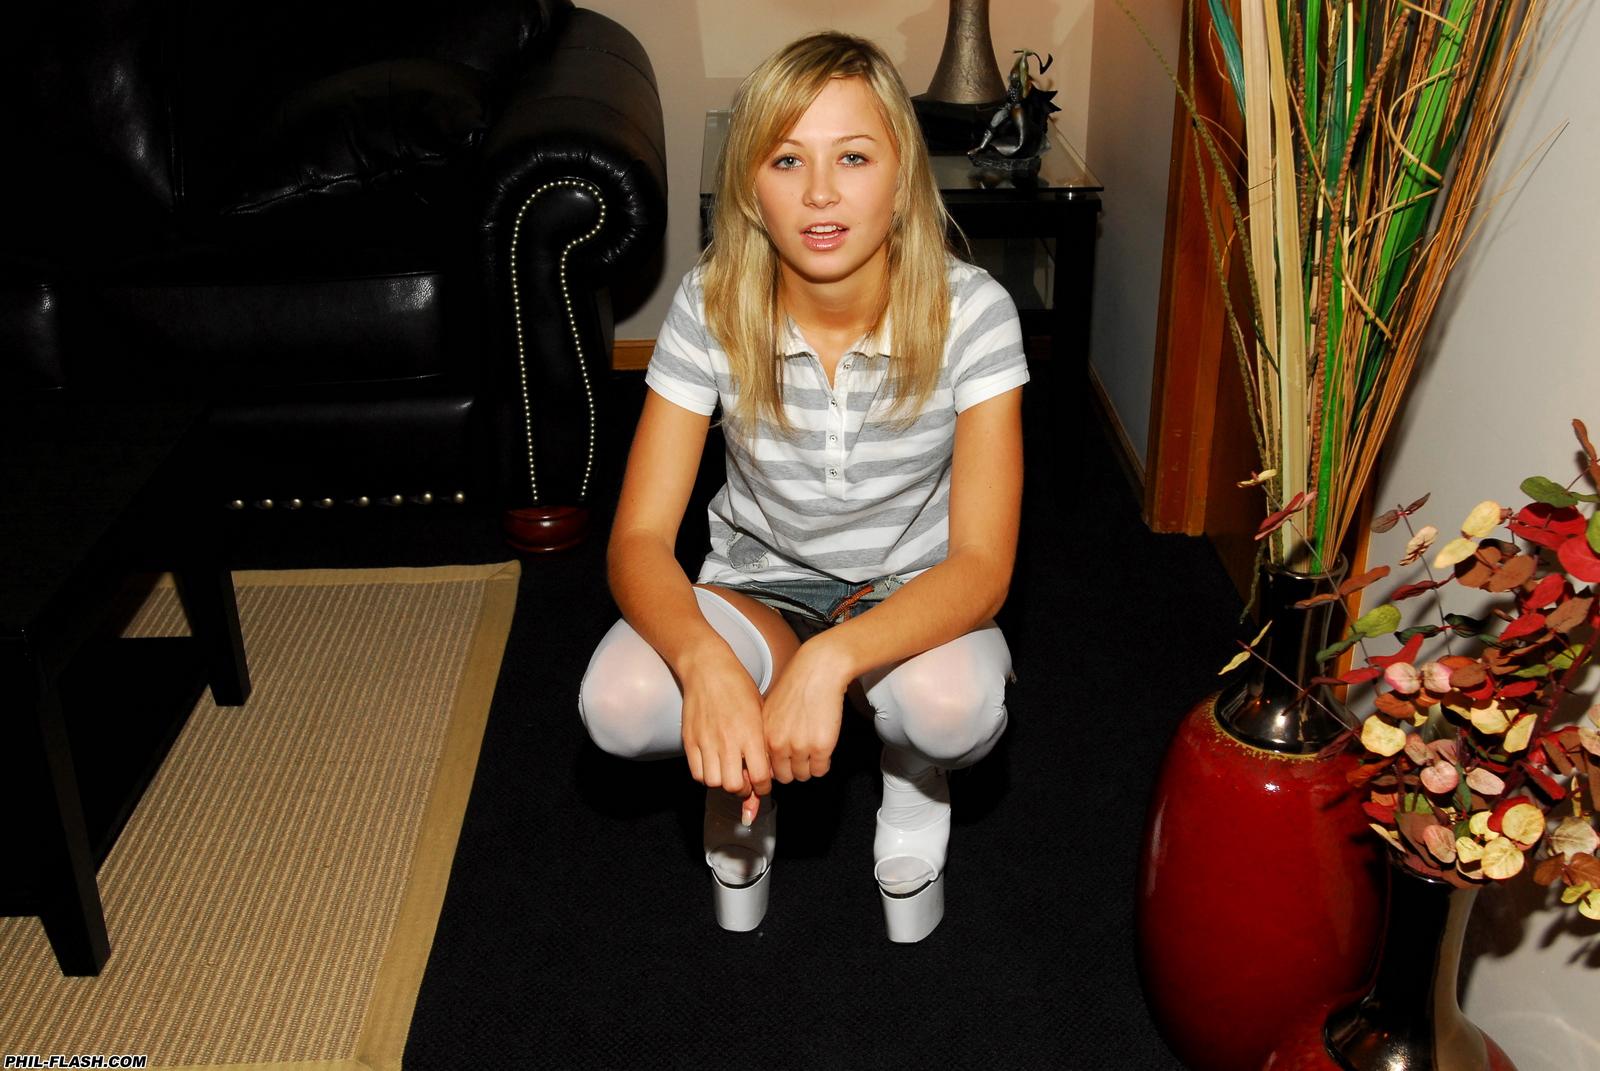 teen-kasia-blonde-naked-behind-the-scenes-phil-flash-53